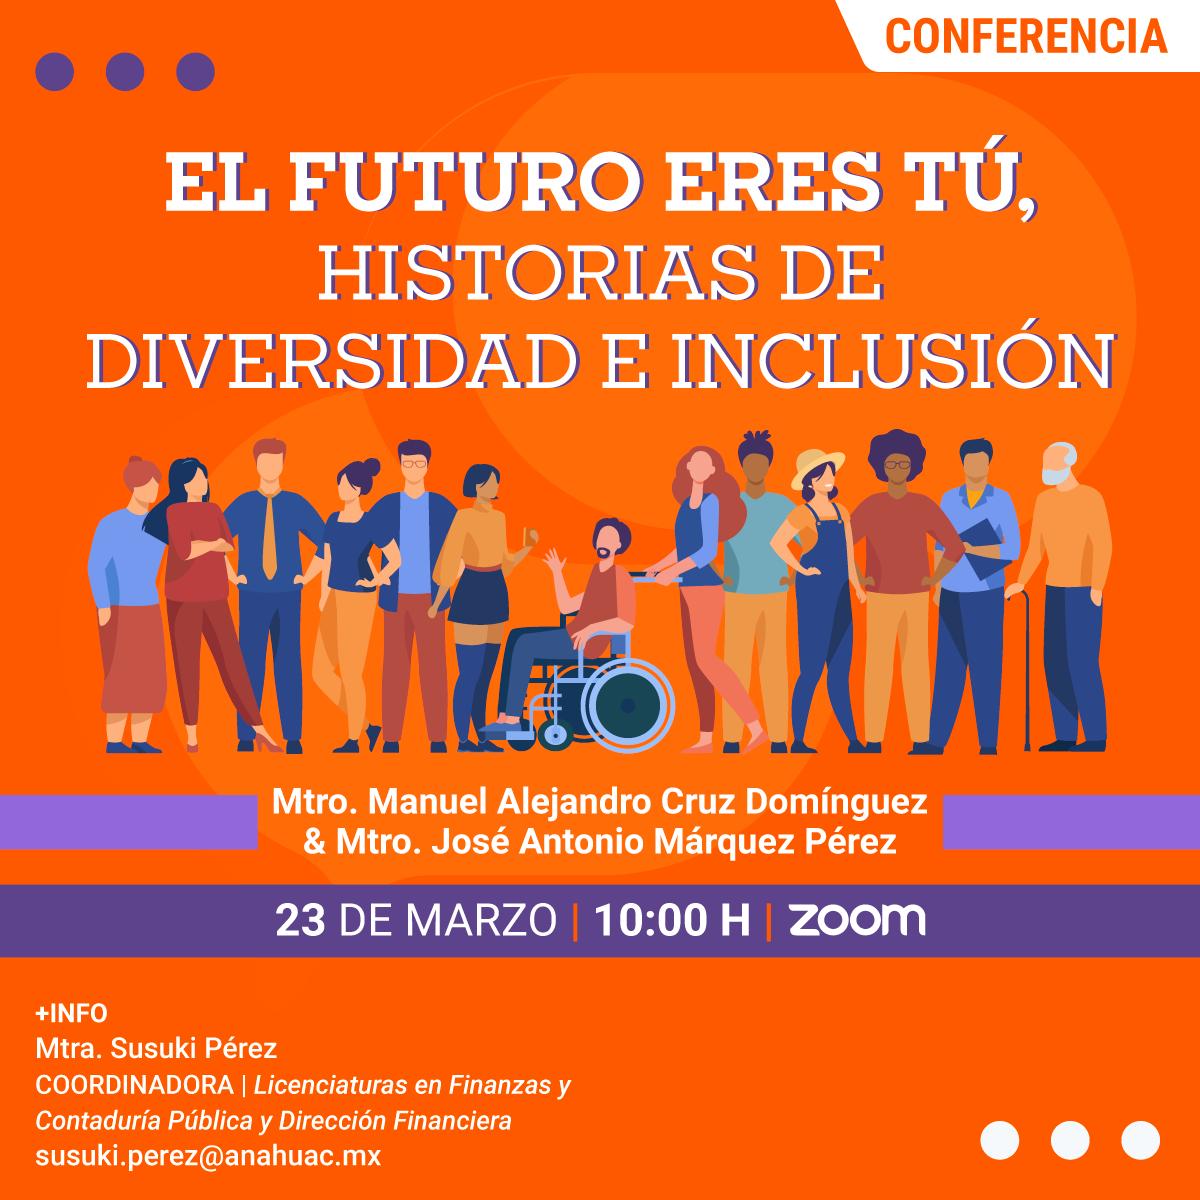 El Futuro Eres Tú, Historias de Diversidad e Inclusión